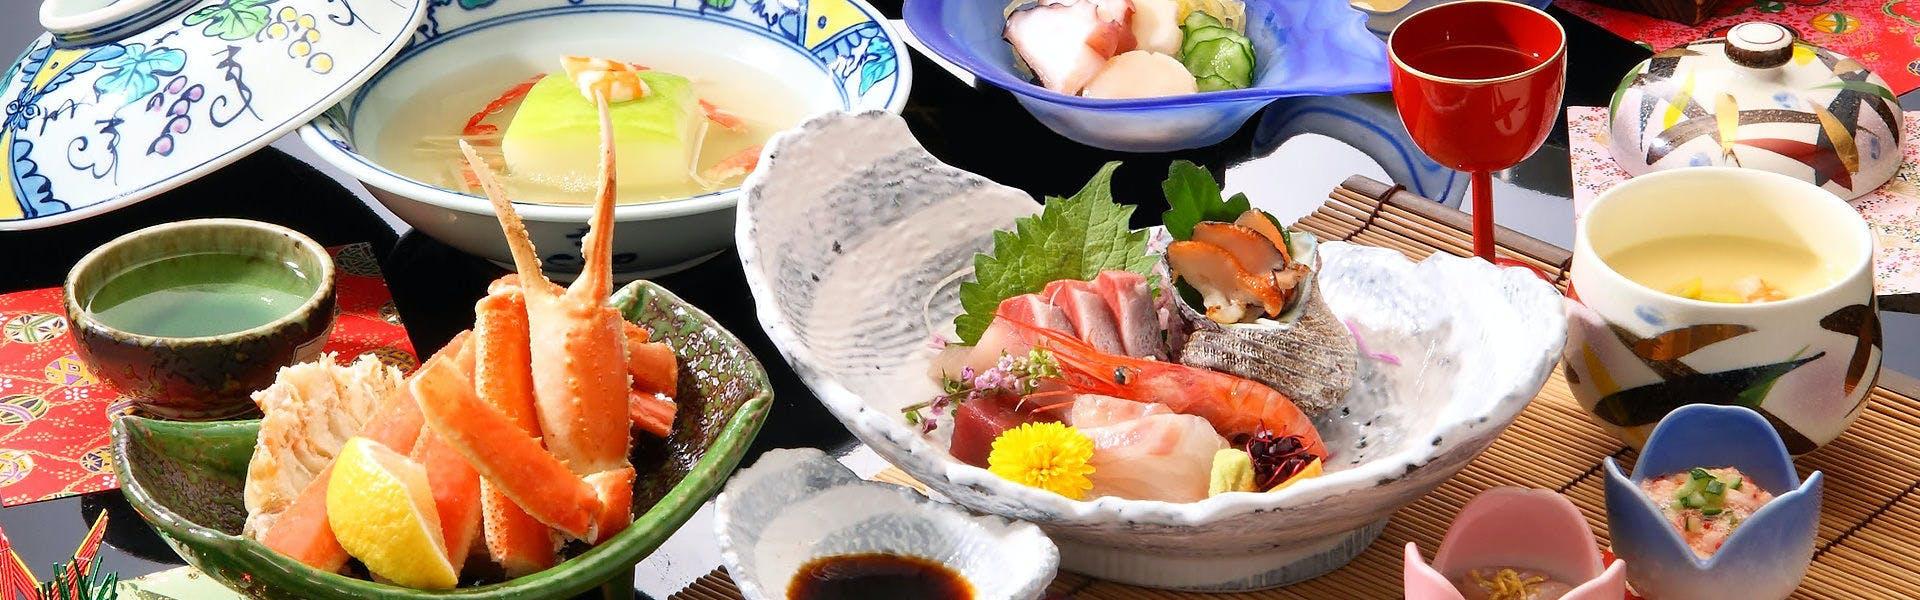 記念日におすすめのホテル・和倉温泉 ホテル海望の写真3